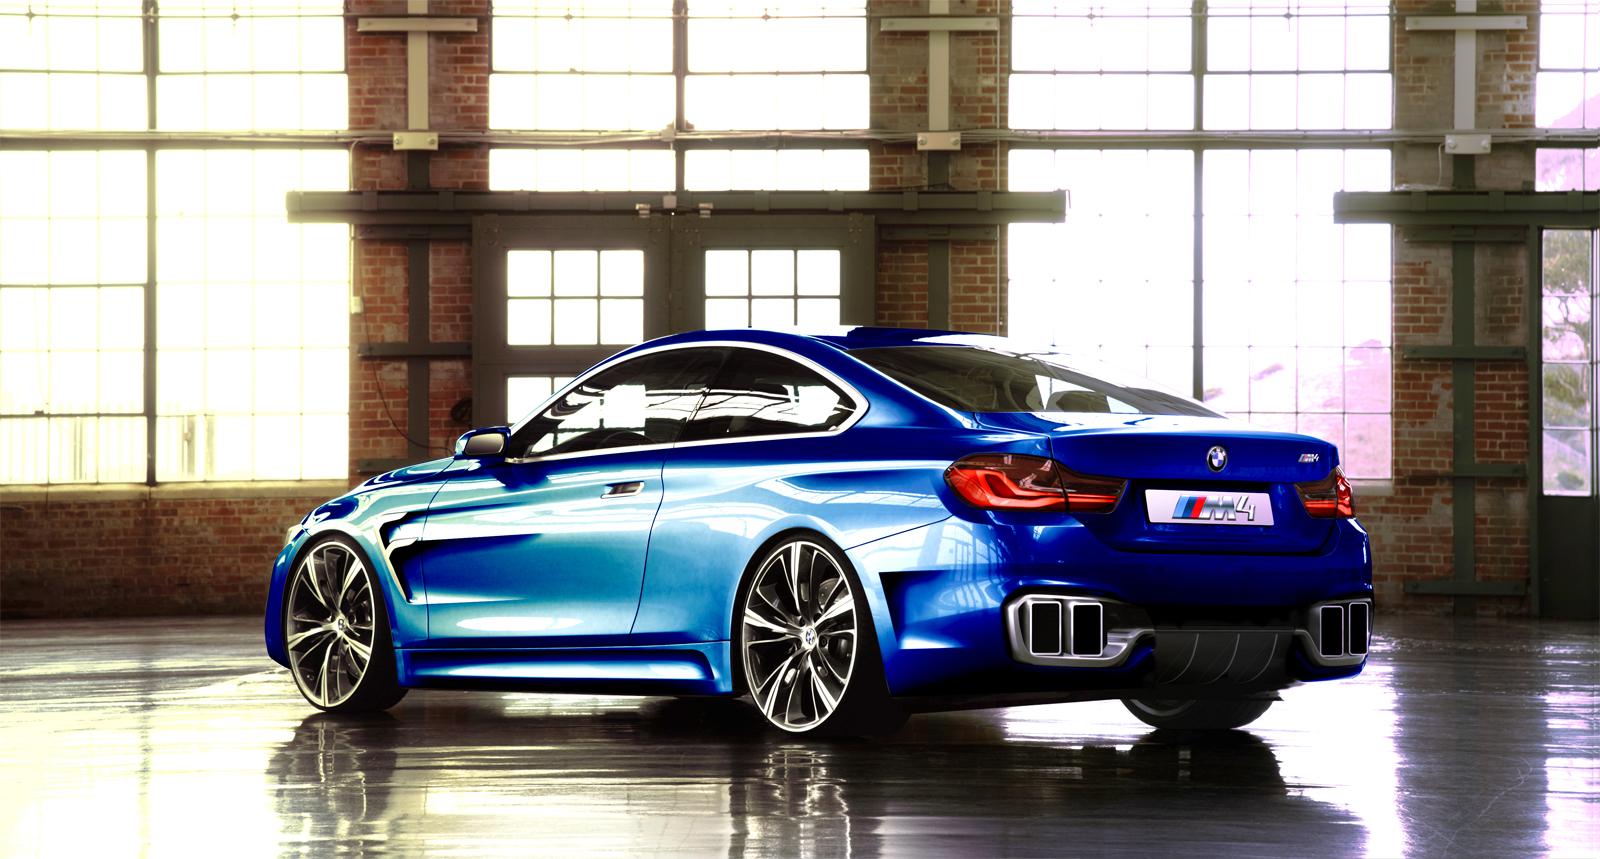 BMW M4 F32 Concept by OCraque on DeviantArt